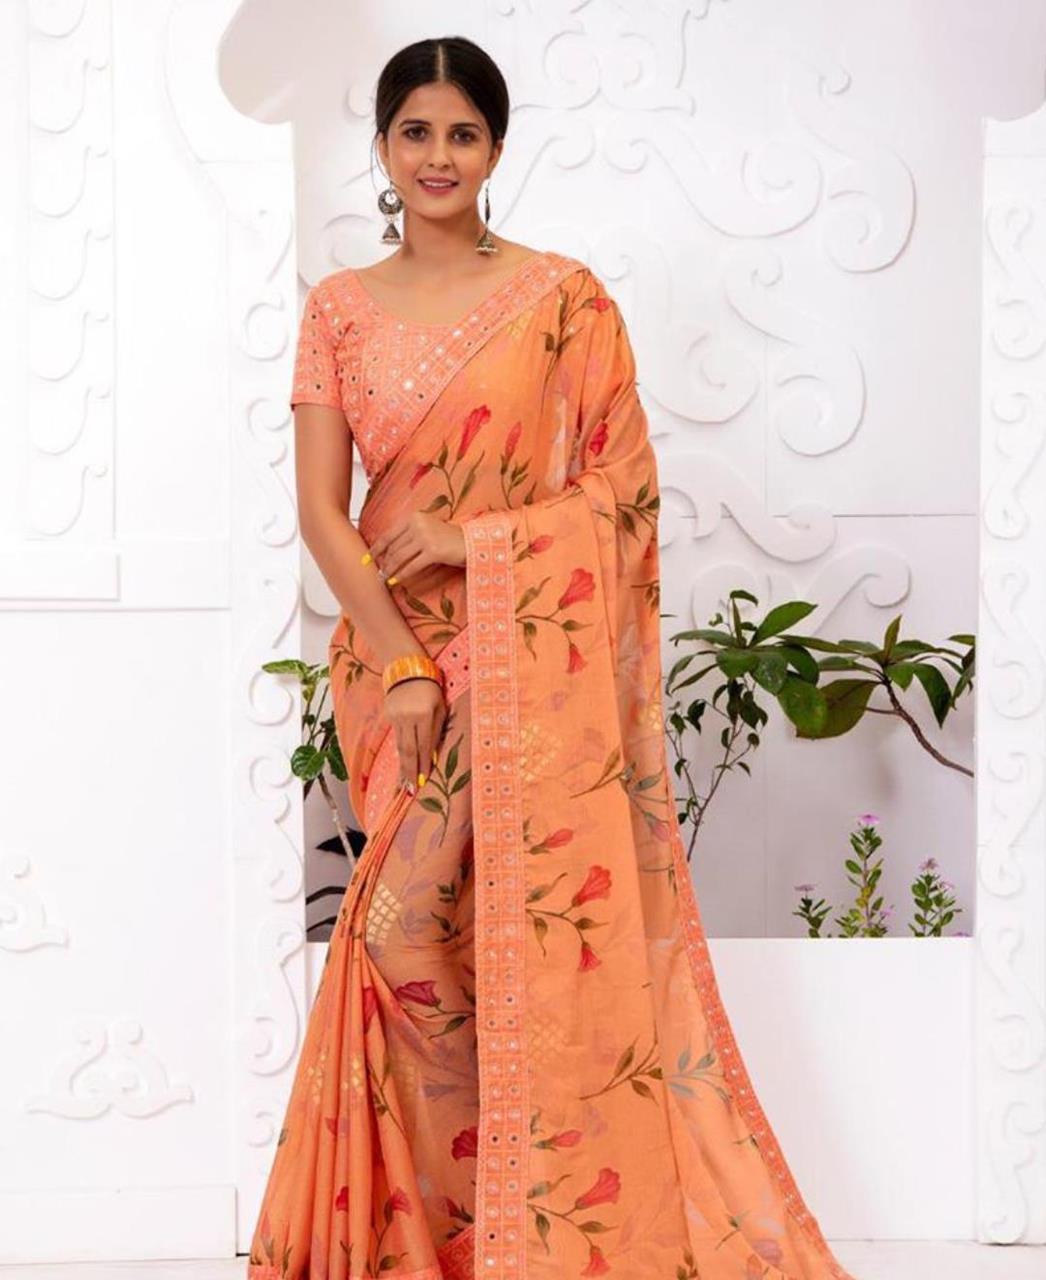 Embroidered Chiffon Saree in Peach